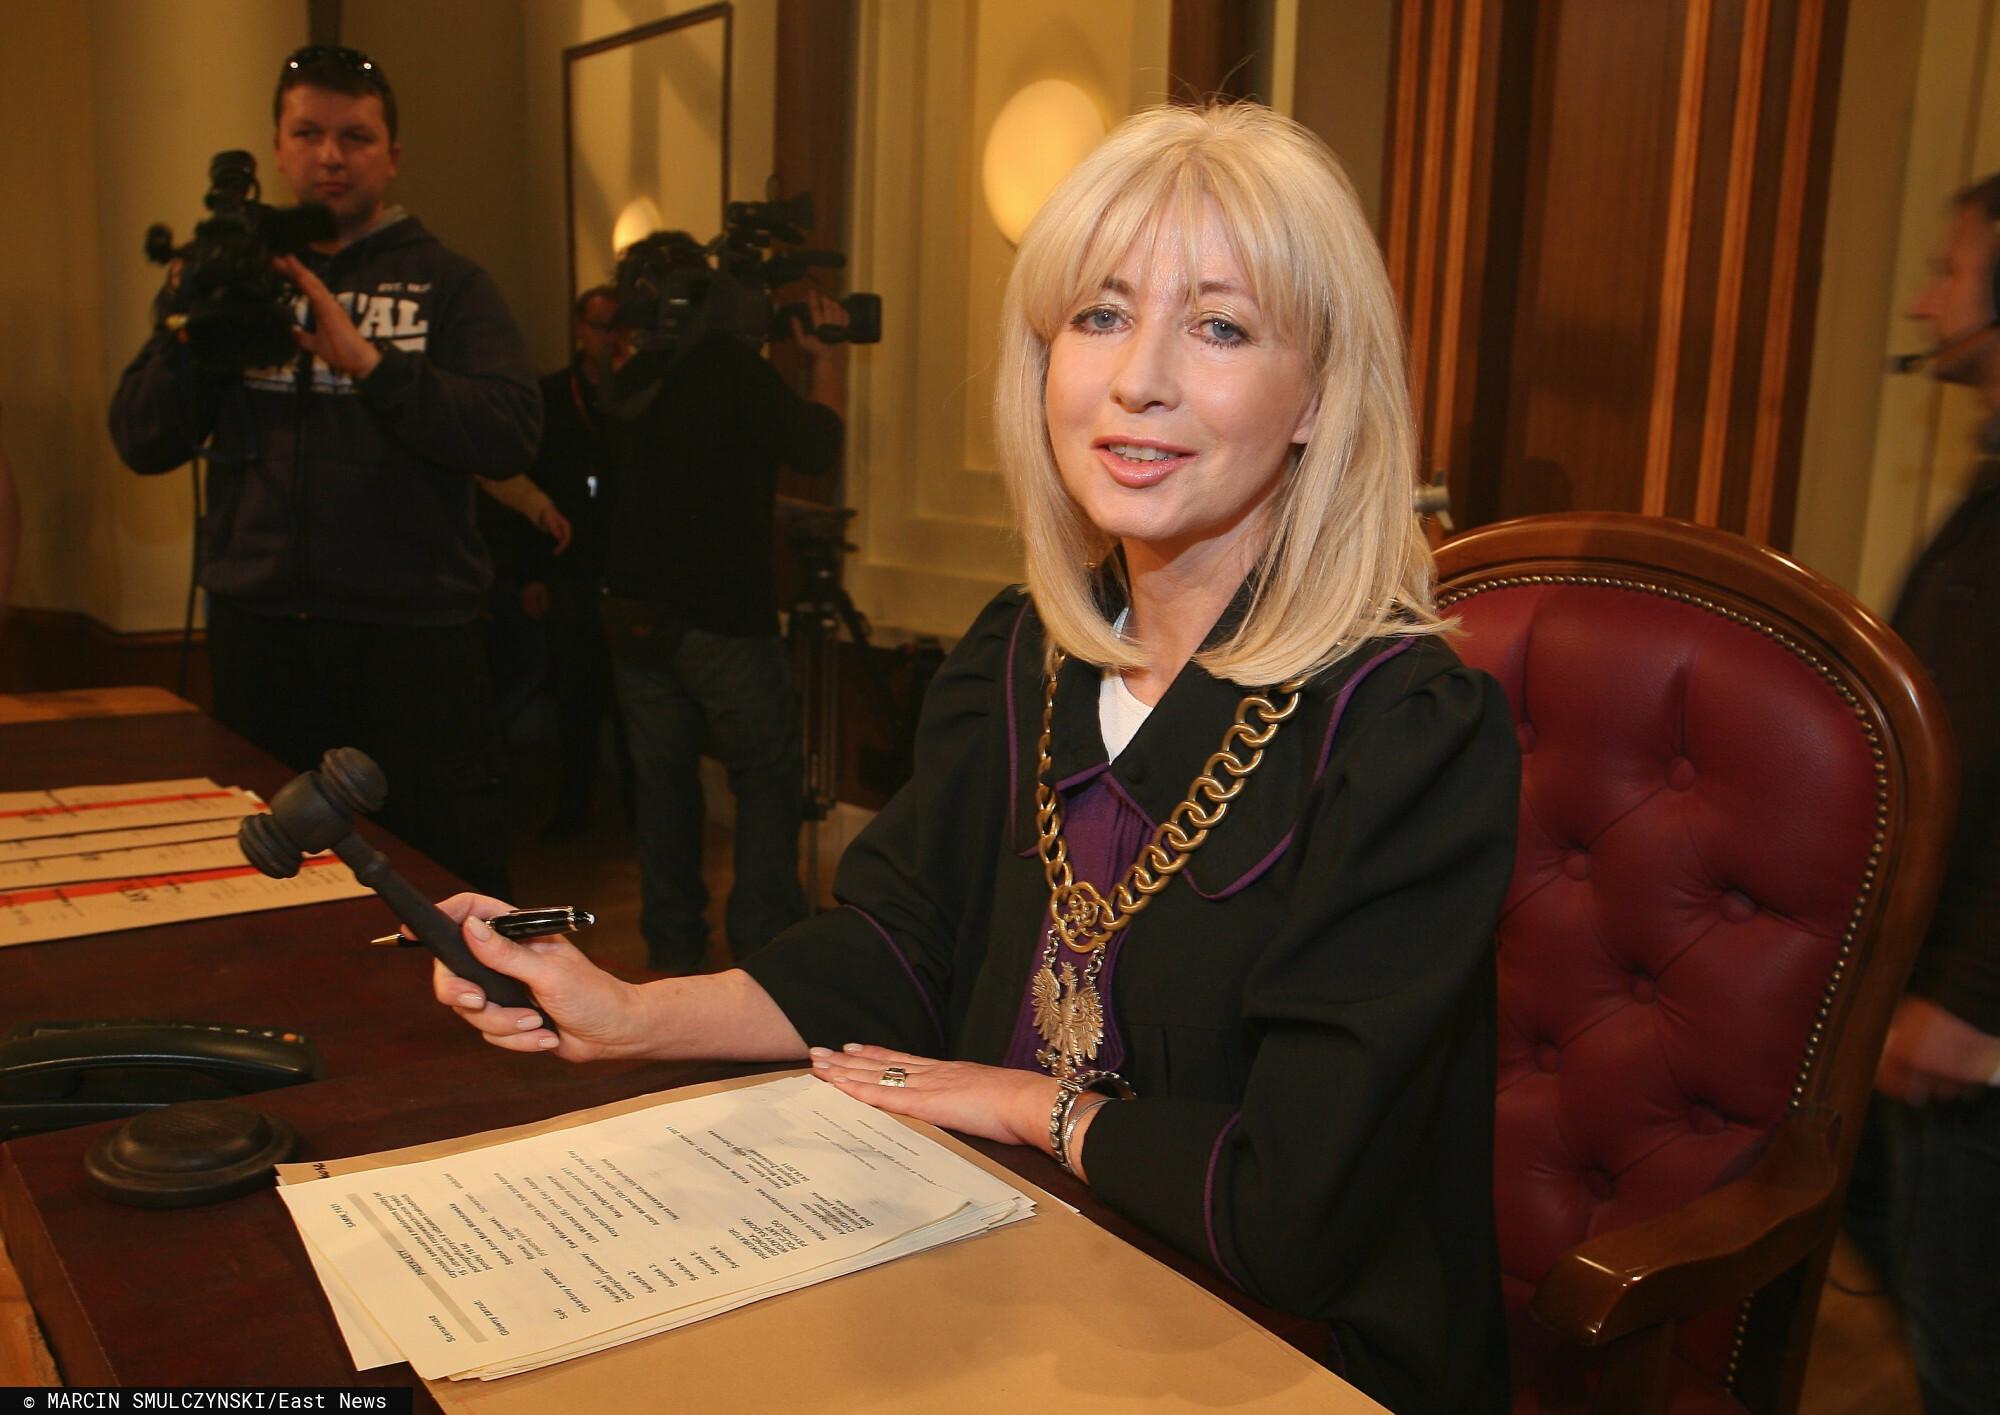 Anna Maria Wesołowska nawiązała do sprawy sprzed lat, w której grupa nastolatków zakatowała osobę.